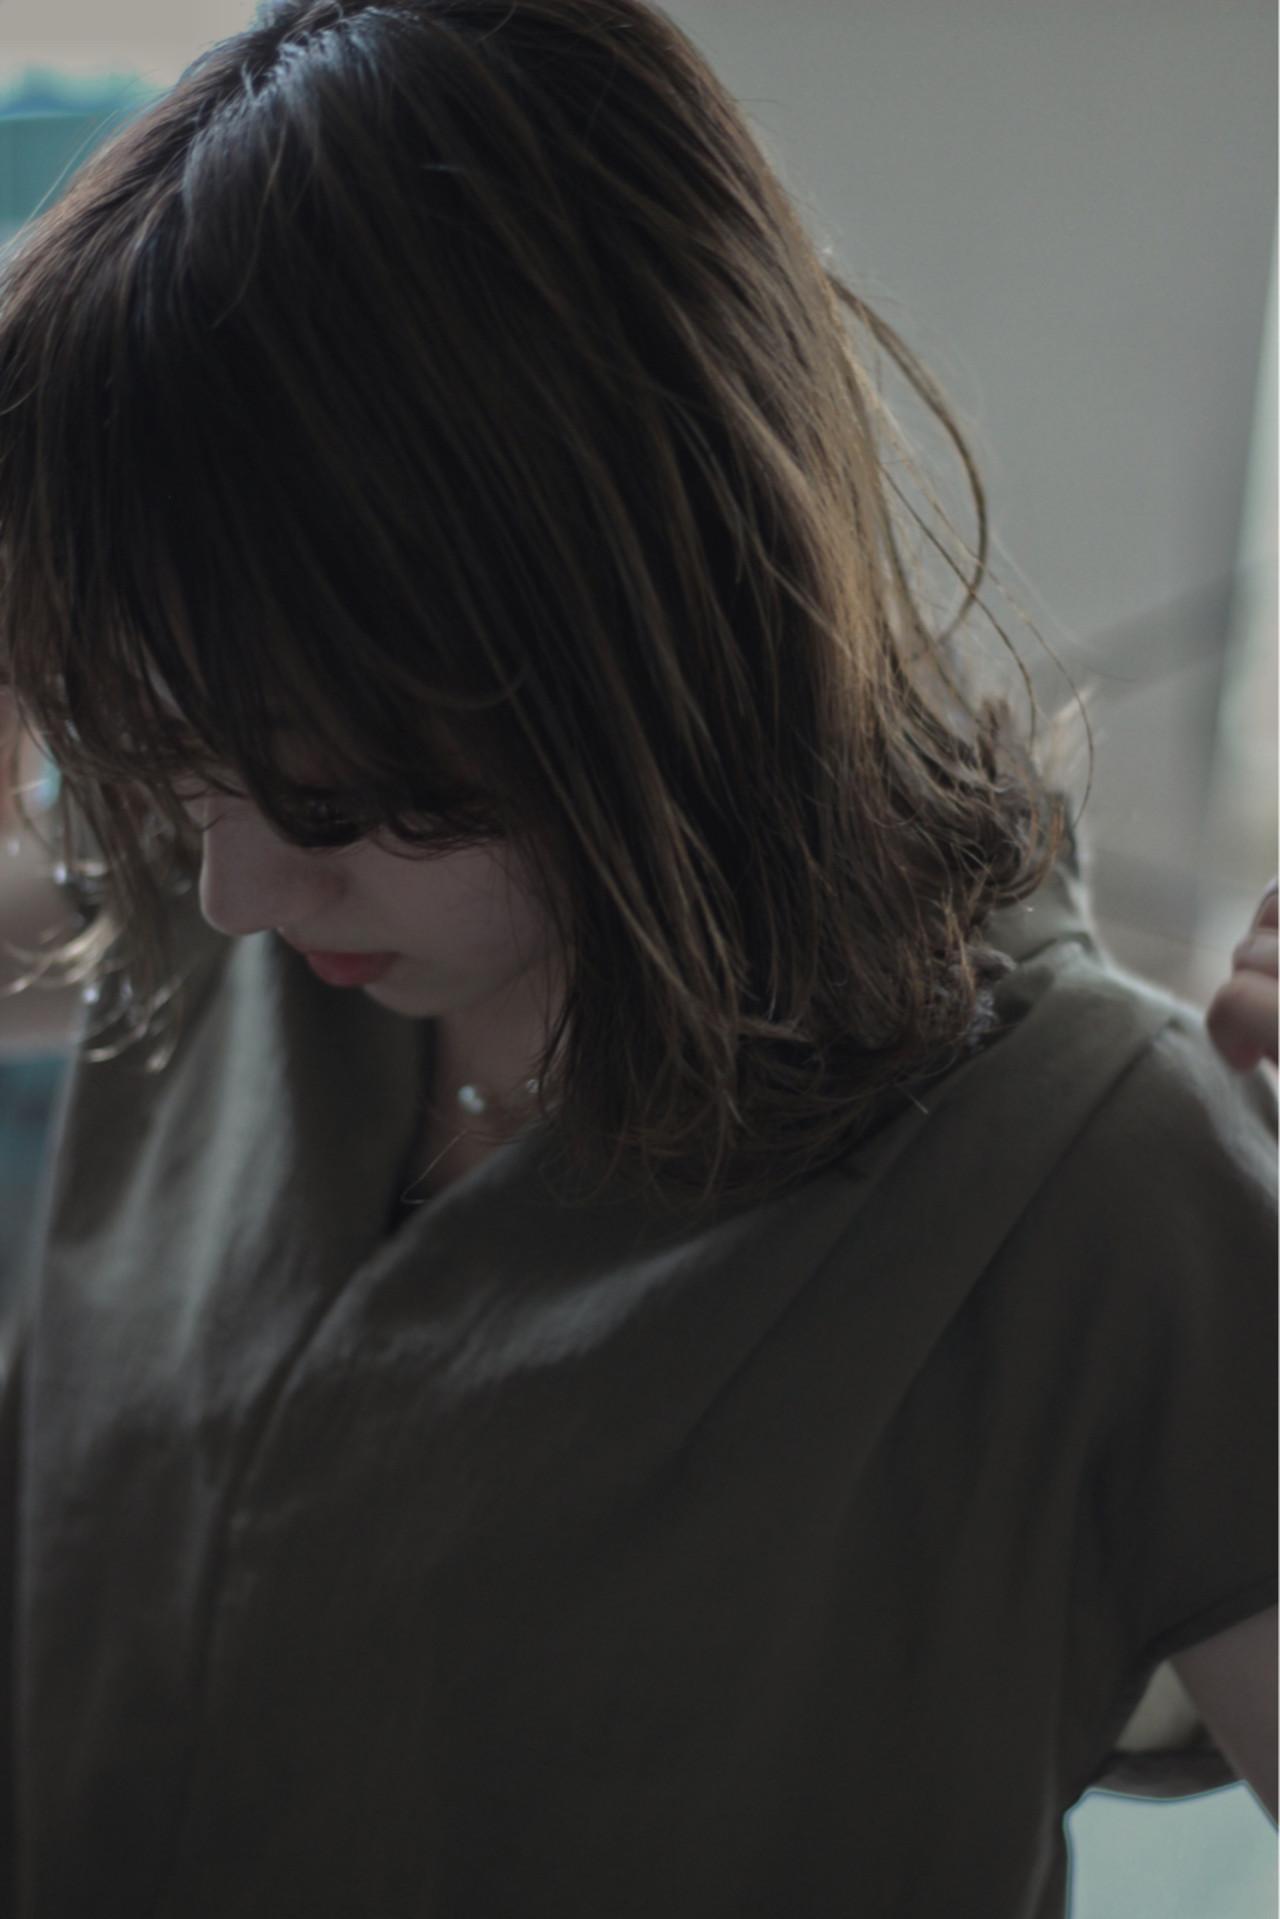 ミディアム オフィス 秋 ナチュラル ヘアスタイルや髪型の写真・画像 | 馬渡 次郎 / corsair